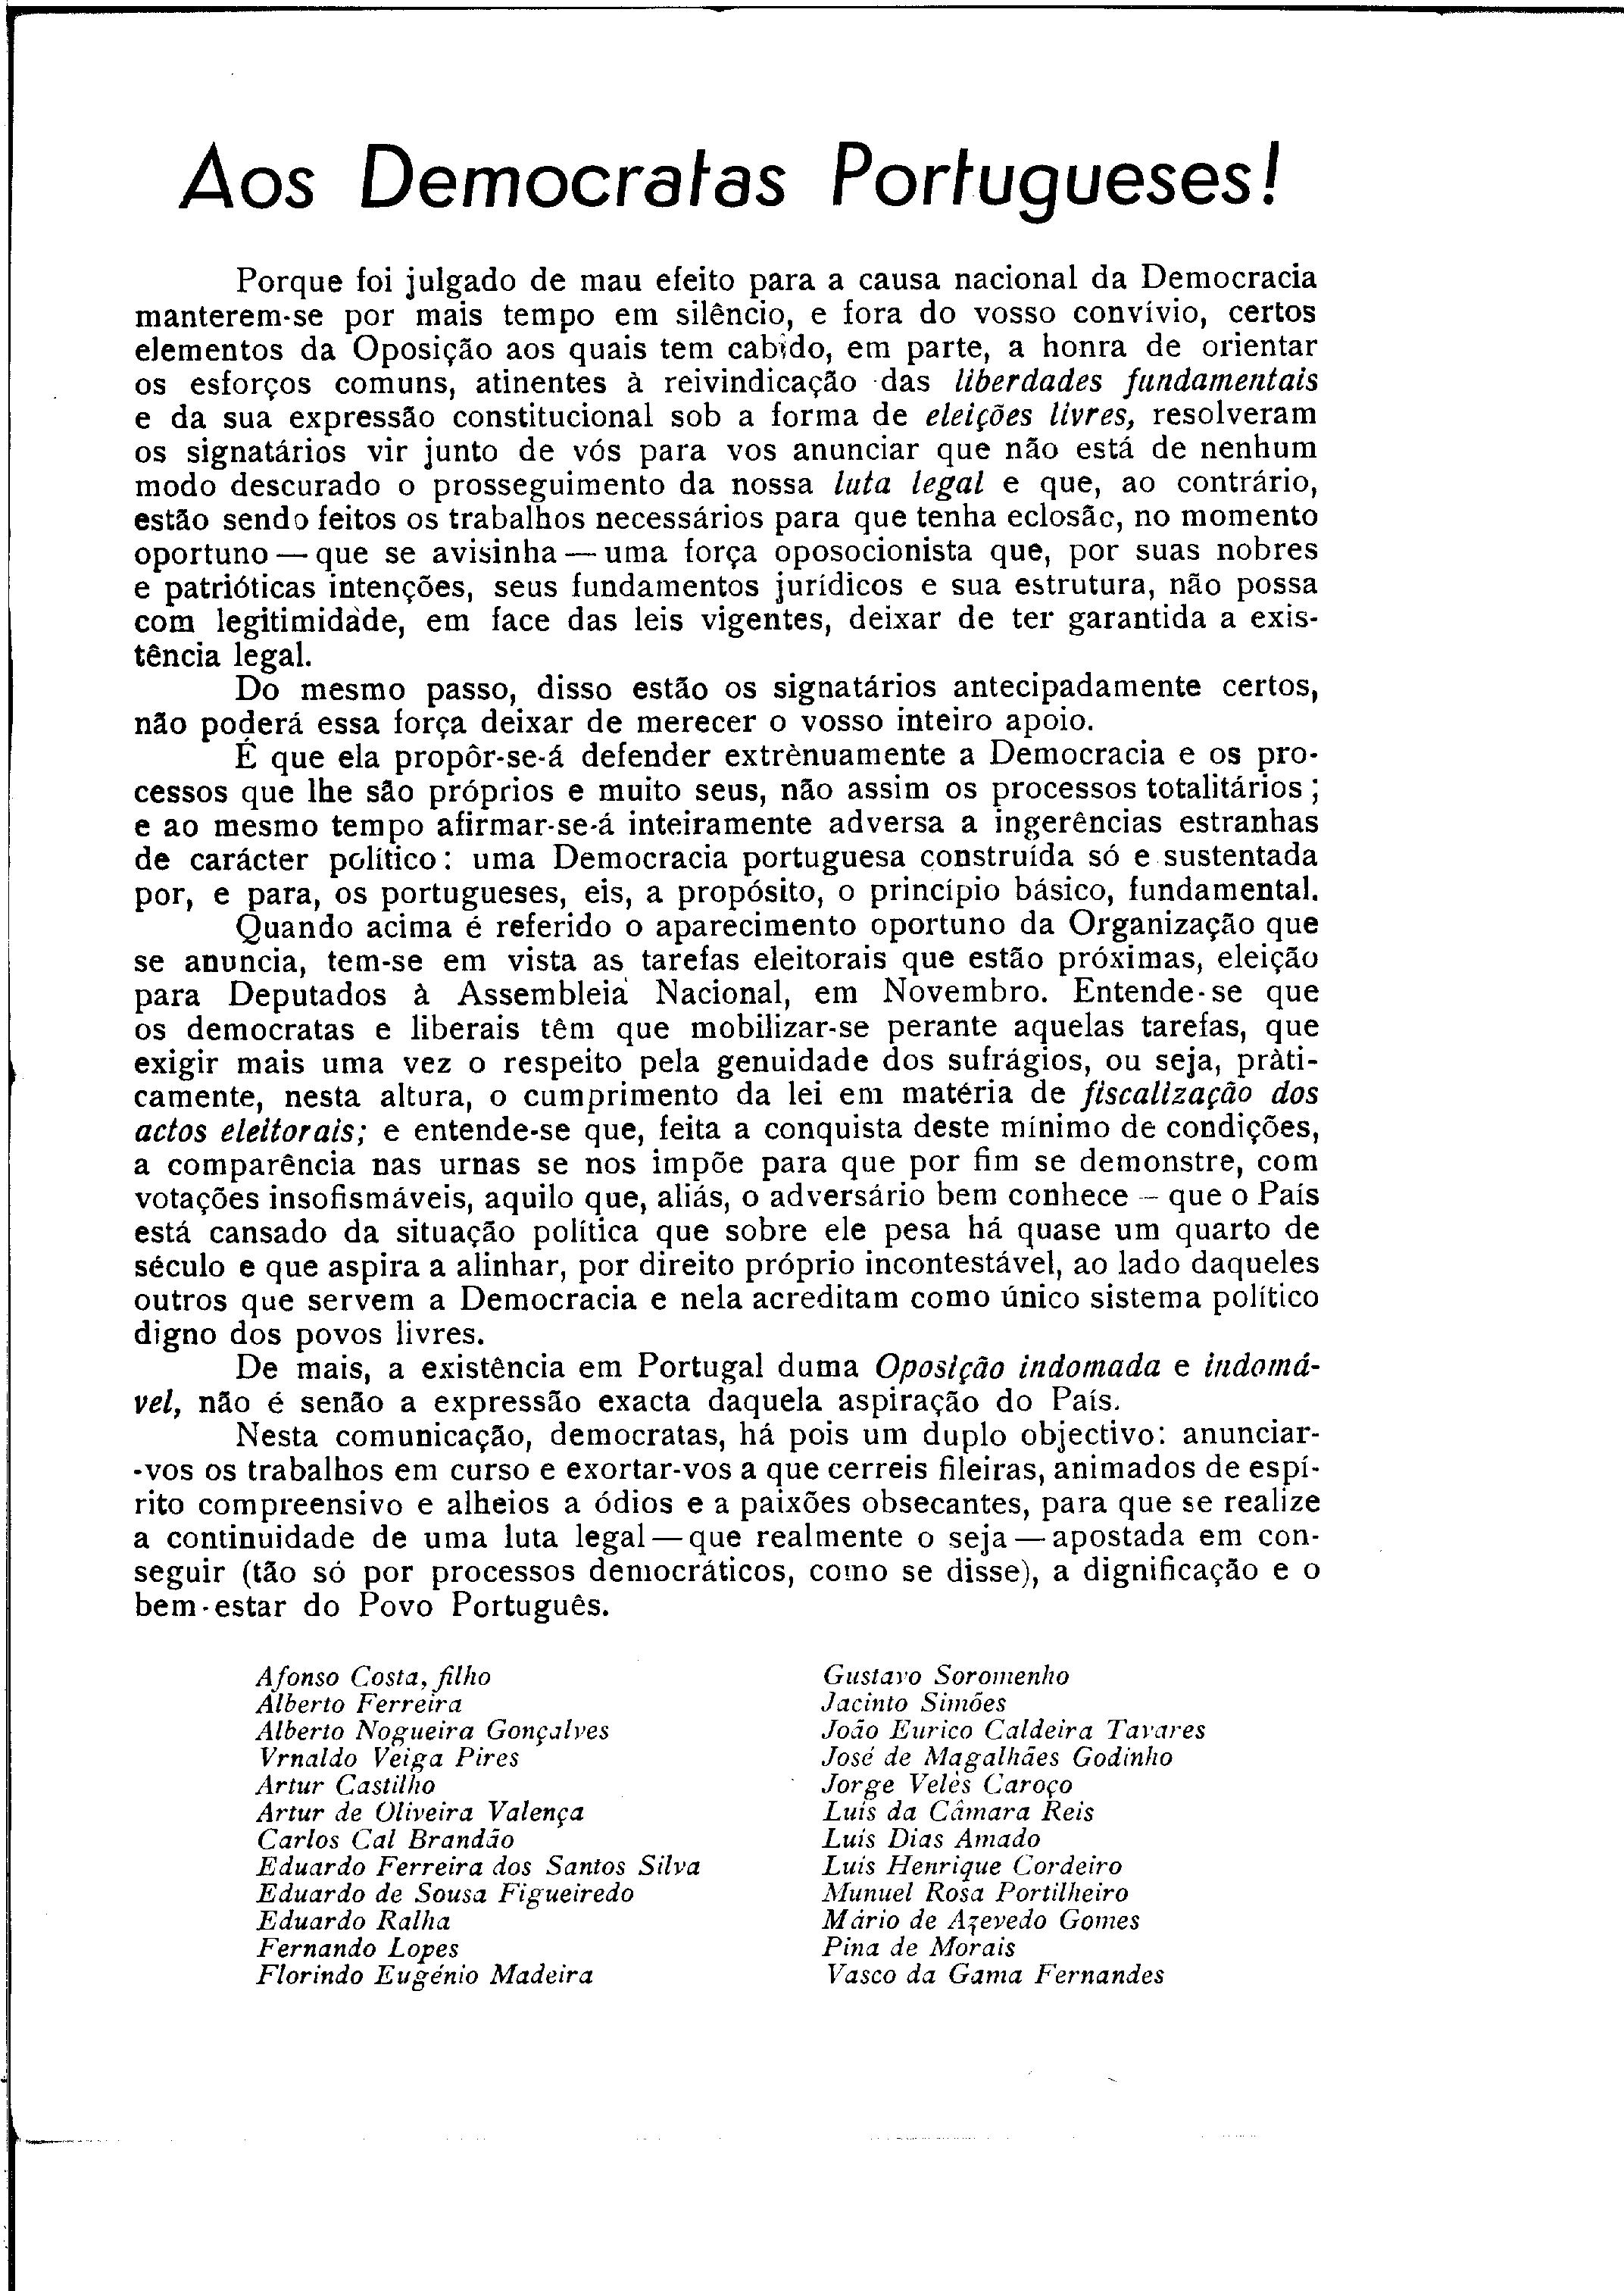 02598.019- pag.1